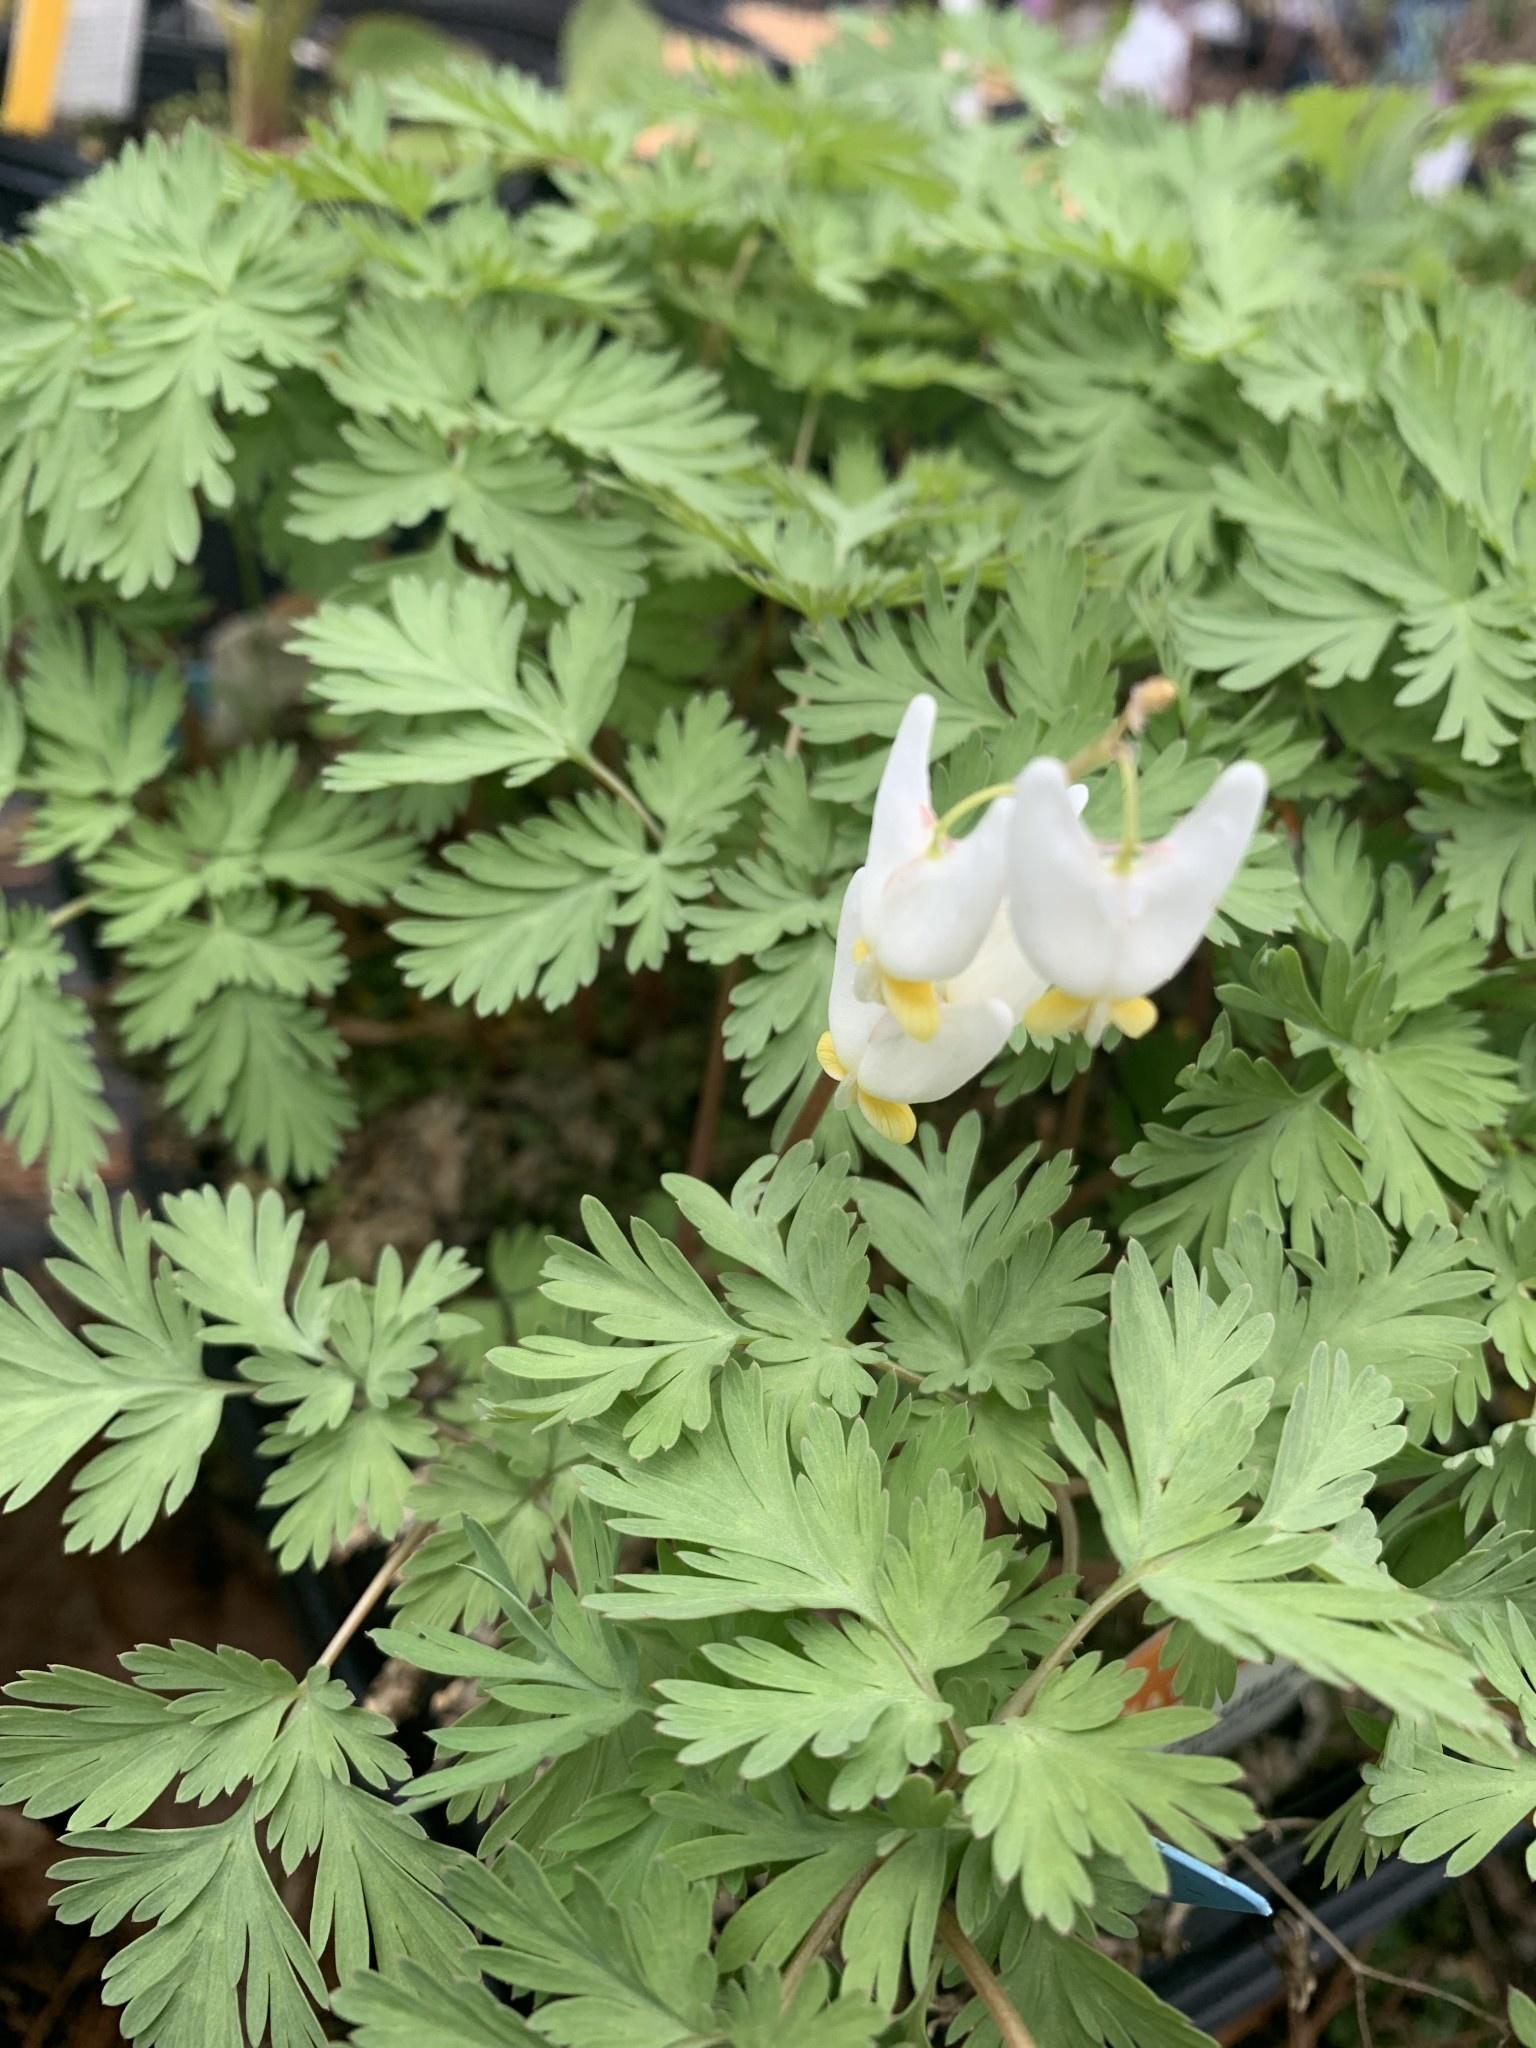 Dicentra cucullaria Dutchman's Breeches, 2Qt